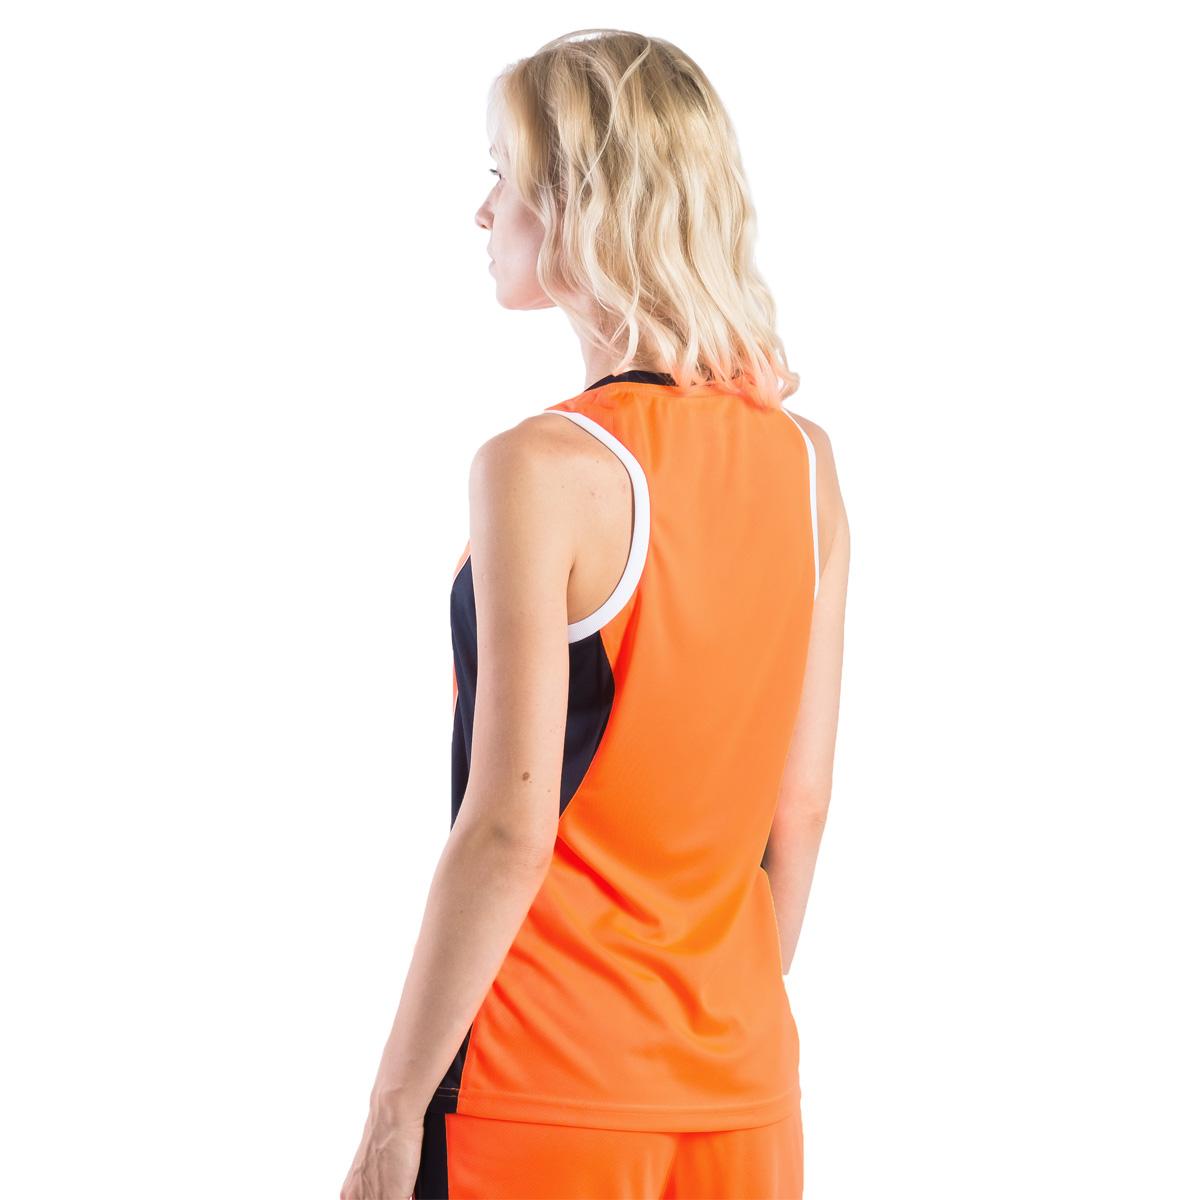 Майка баскетбольная женская 2K Sport Advance, цвет:  оранжевый, темно-синий, белый.  130032.  Размер S (42/44) 2K Sport